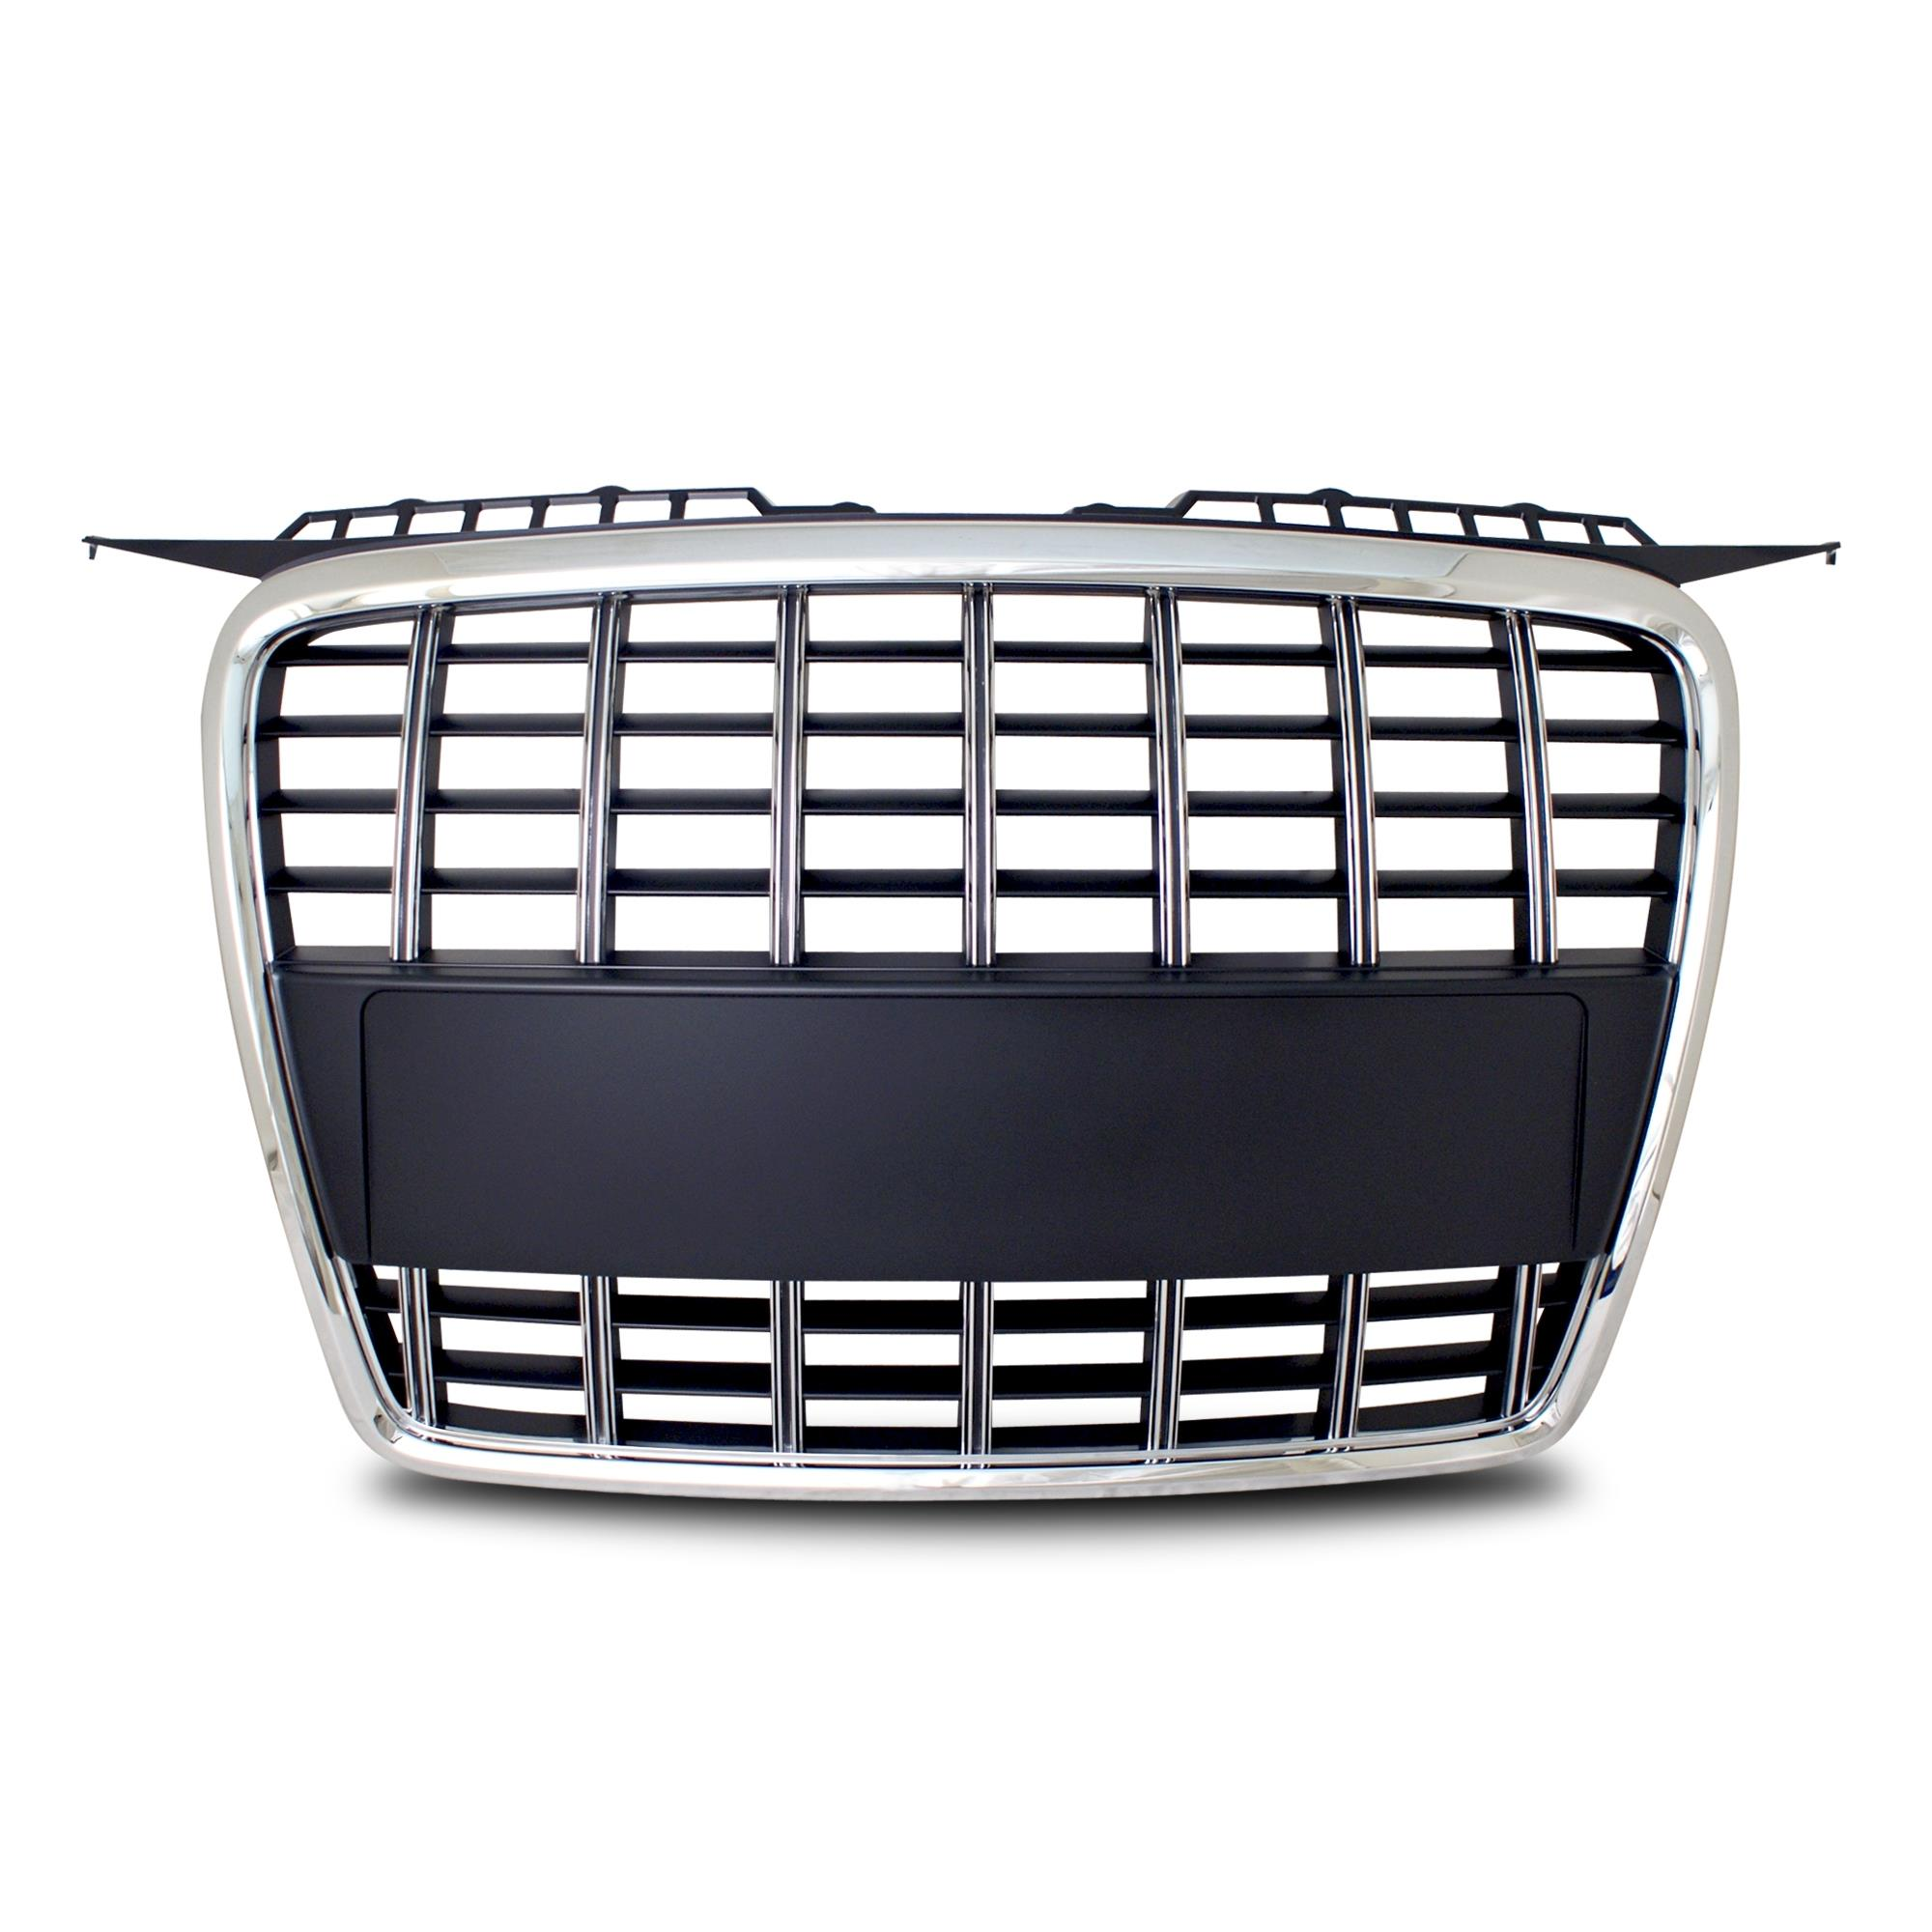 grila sport jom premium audi a3 8p 04 07 facelift s3 look neagra cu rama crom jom 8p853653coe. Black Bedroom Furniture Sets. Home Design Ideas